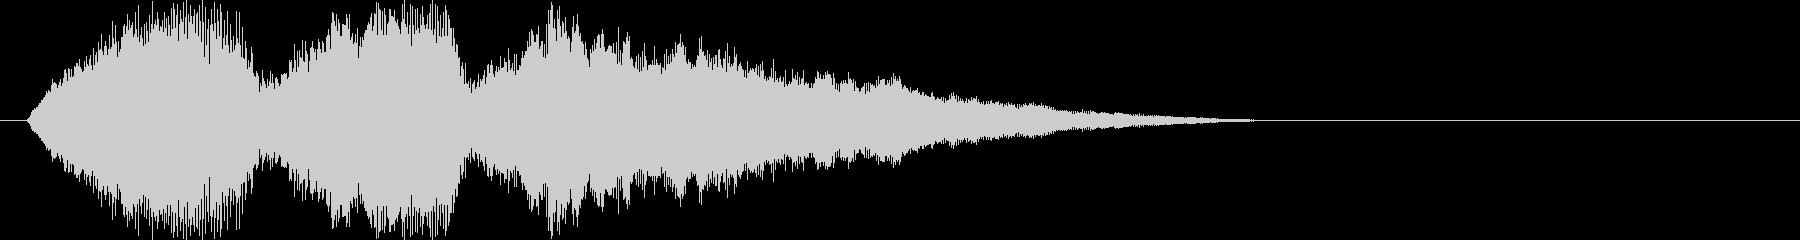 ストリングスによる優しい旋律の未再生の波形